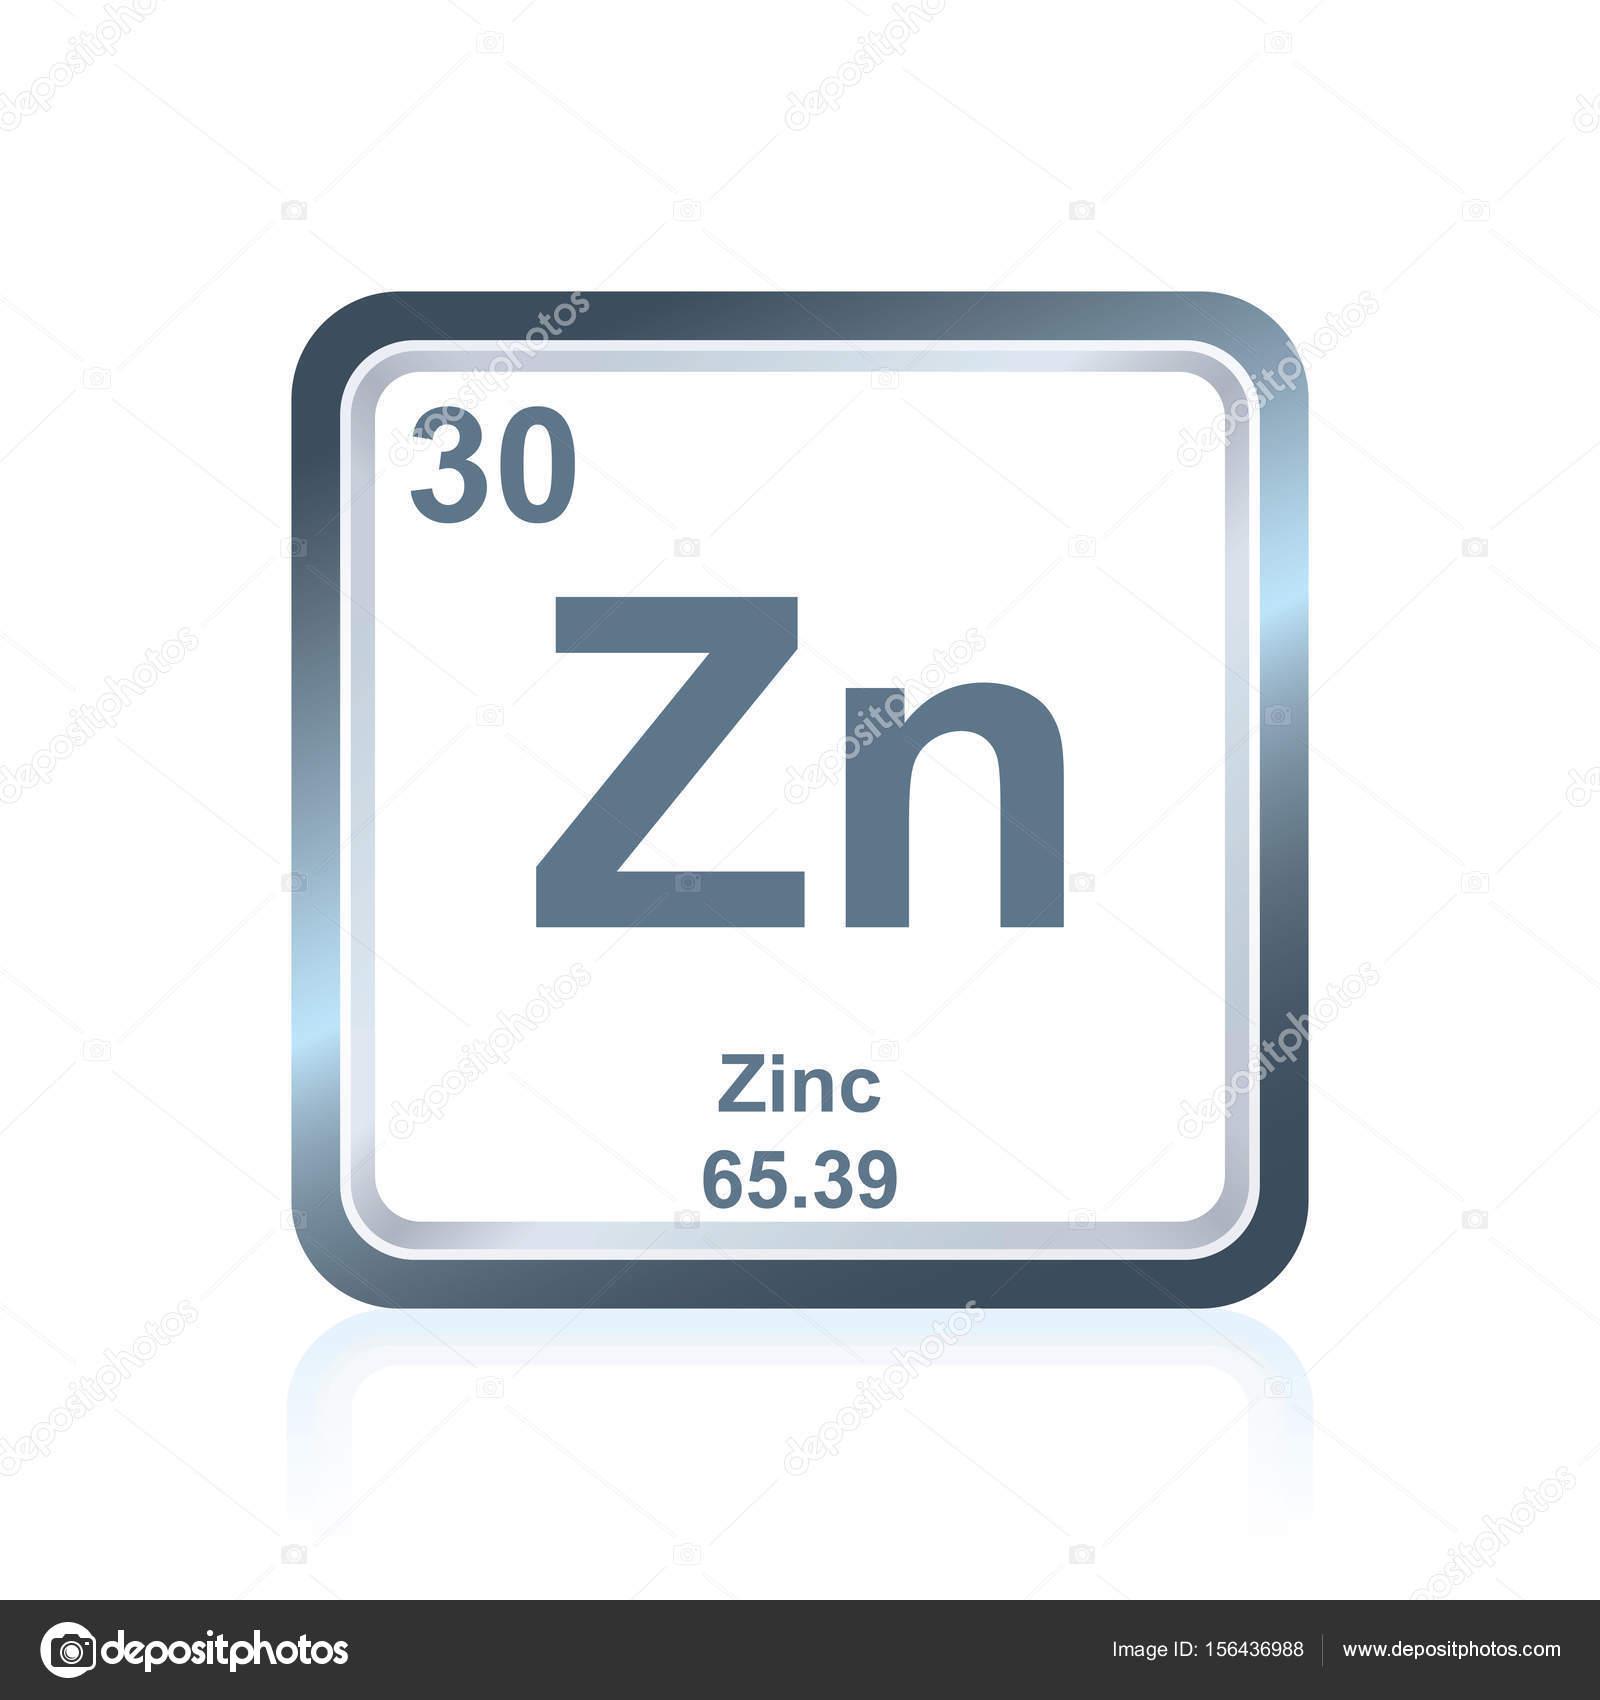 Zinc de elemento qumico de la tabla peridica vector de stock smbolo de zinc elemento qumico como se ve en la tabla peridica de los elementos incluyendo el nmero atmico y peso atmico vector de noedelhap urtaz Image collections